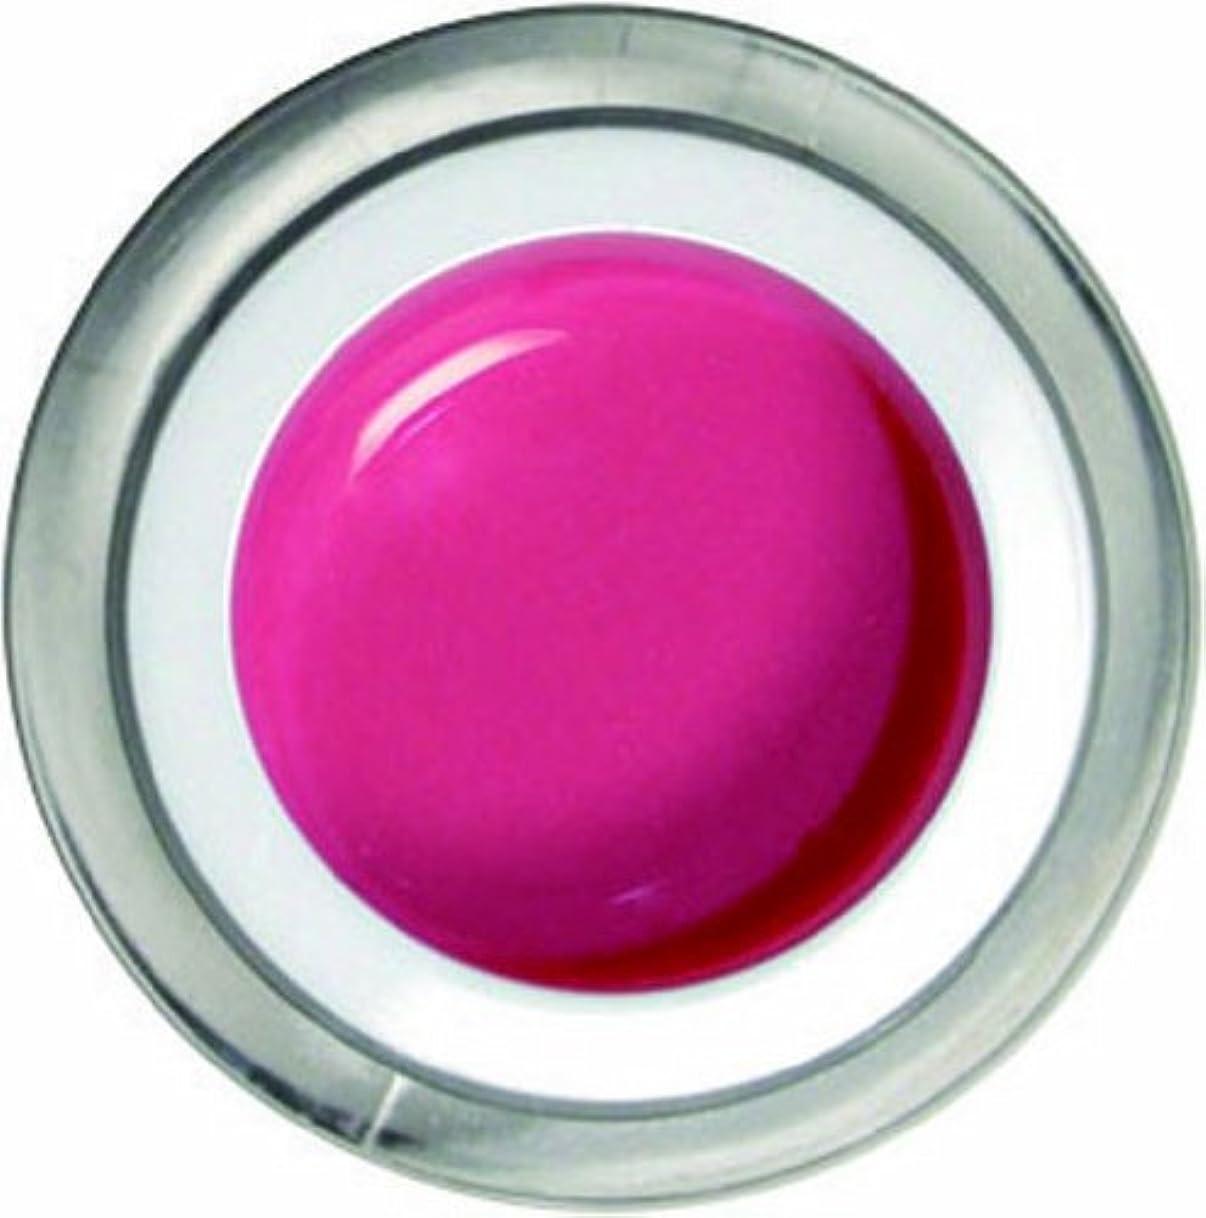 写真を描くストロークぐったりメロディコ メロディコジェル #08プリンセスピンク